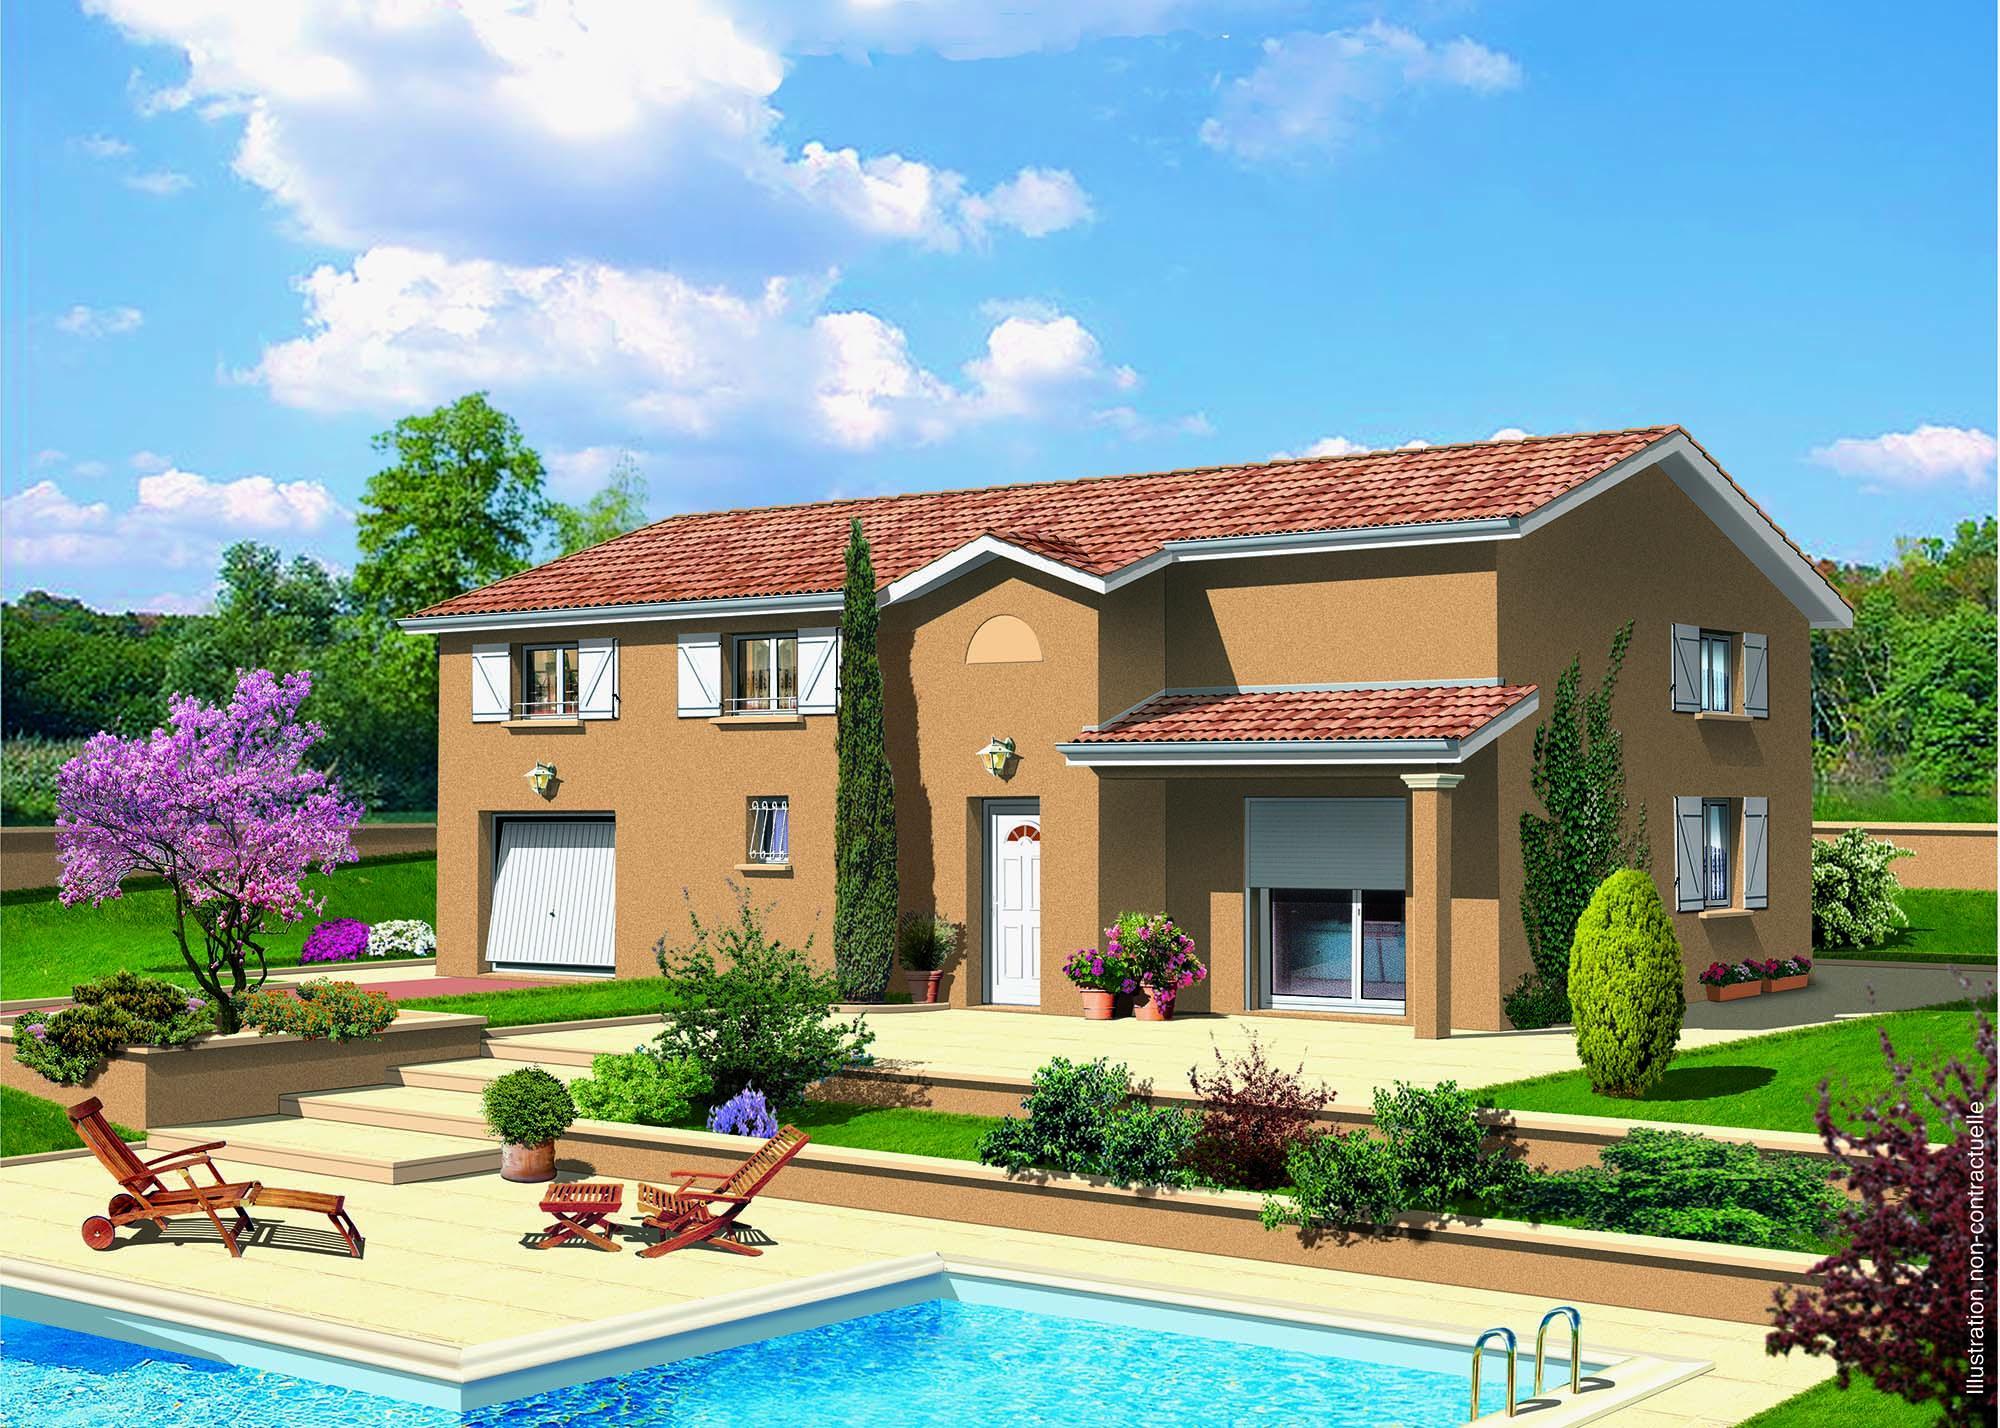 Maisons + Terrains du constructeur MAISONS PUNCH • 129 m² • LES OLMES